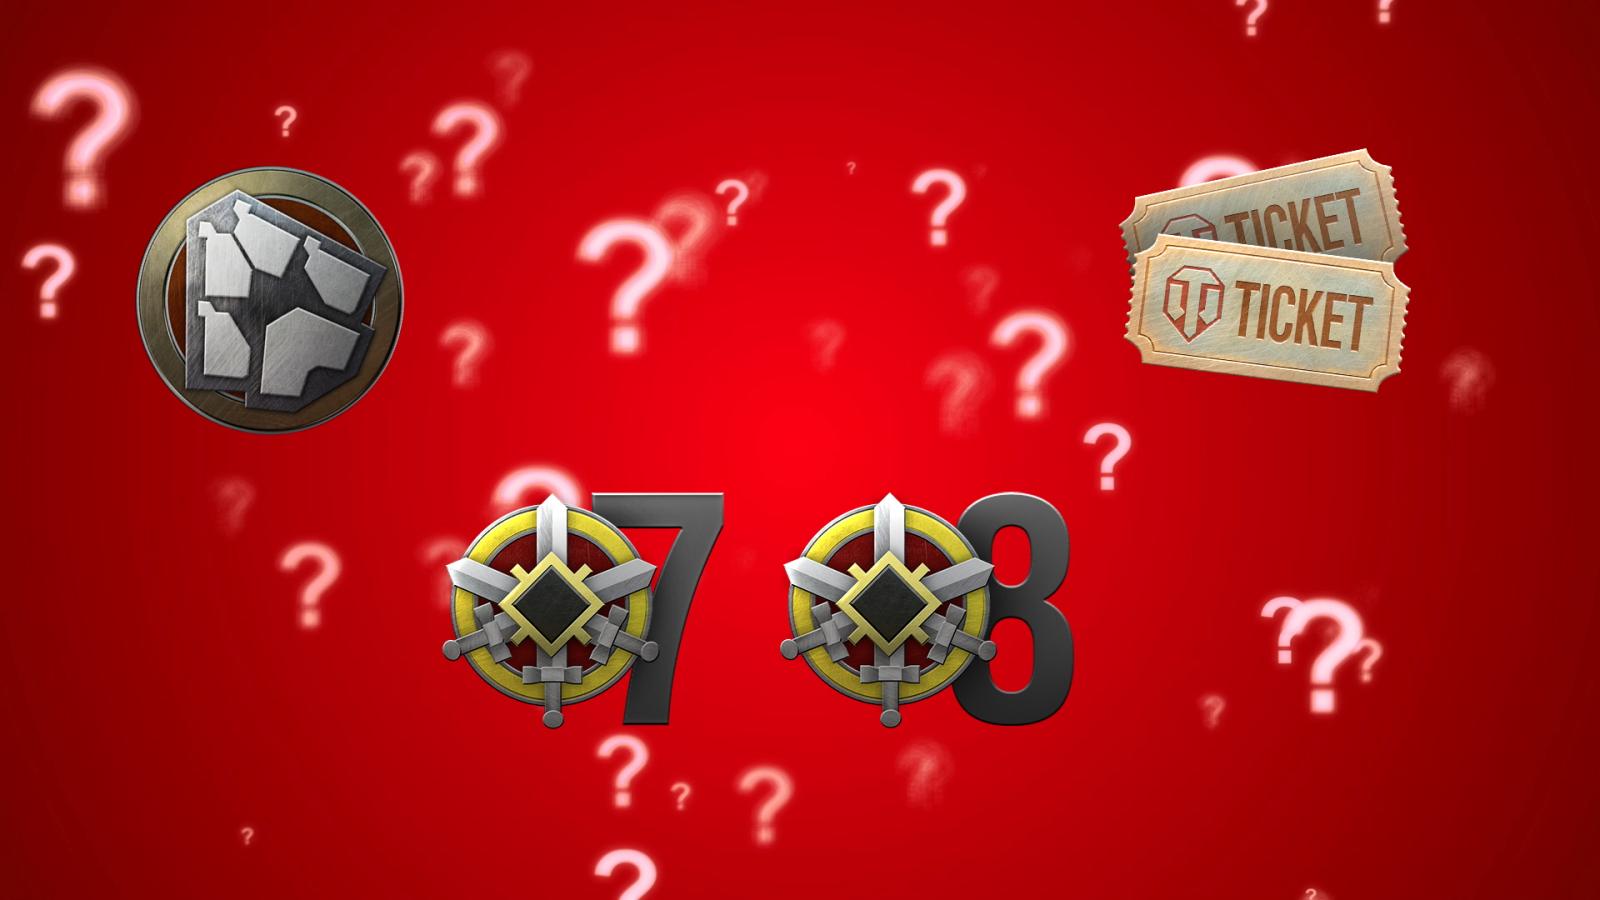 Жетон, два билета, мечи и щиты: в сеть утекли четыре загадочных изображения